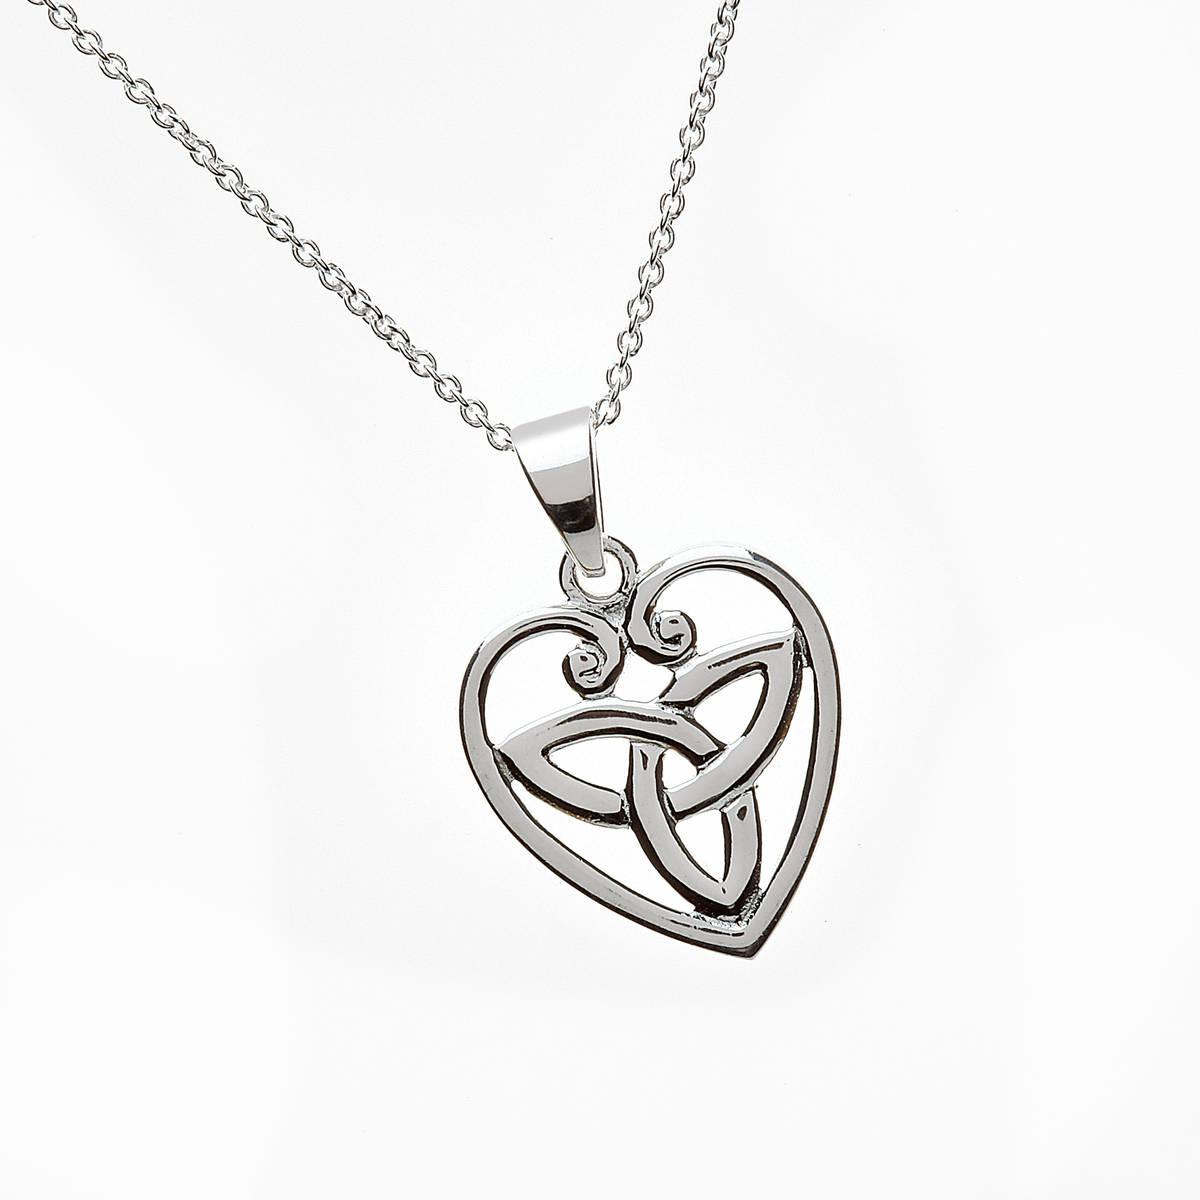 Silver Trinity Knot Heart Pendant